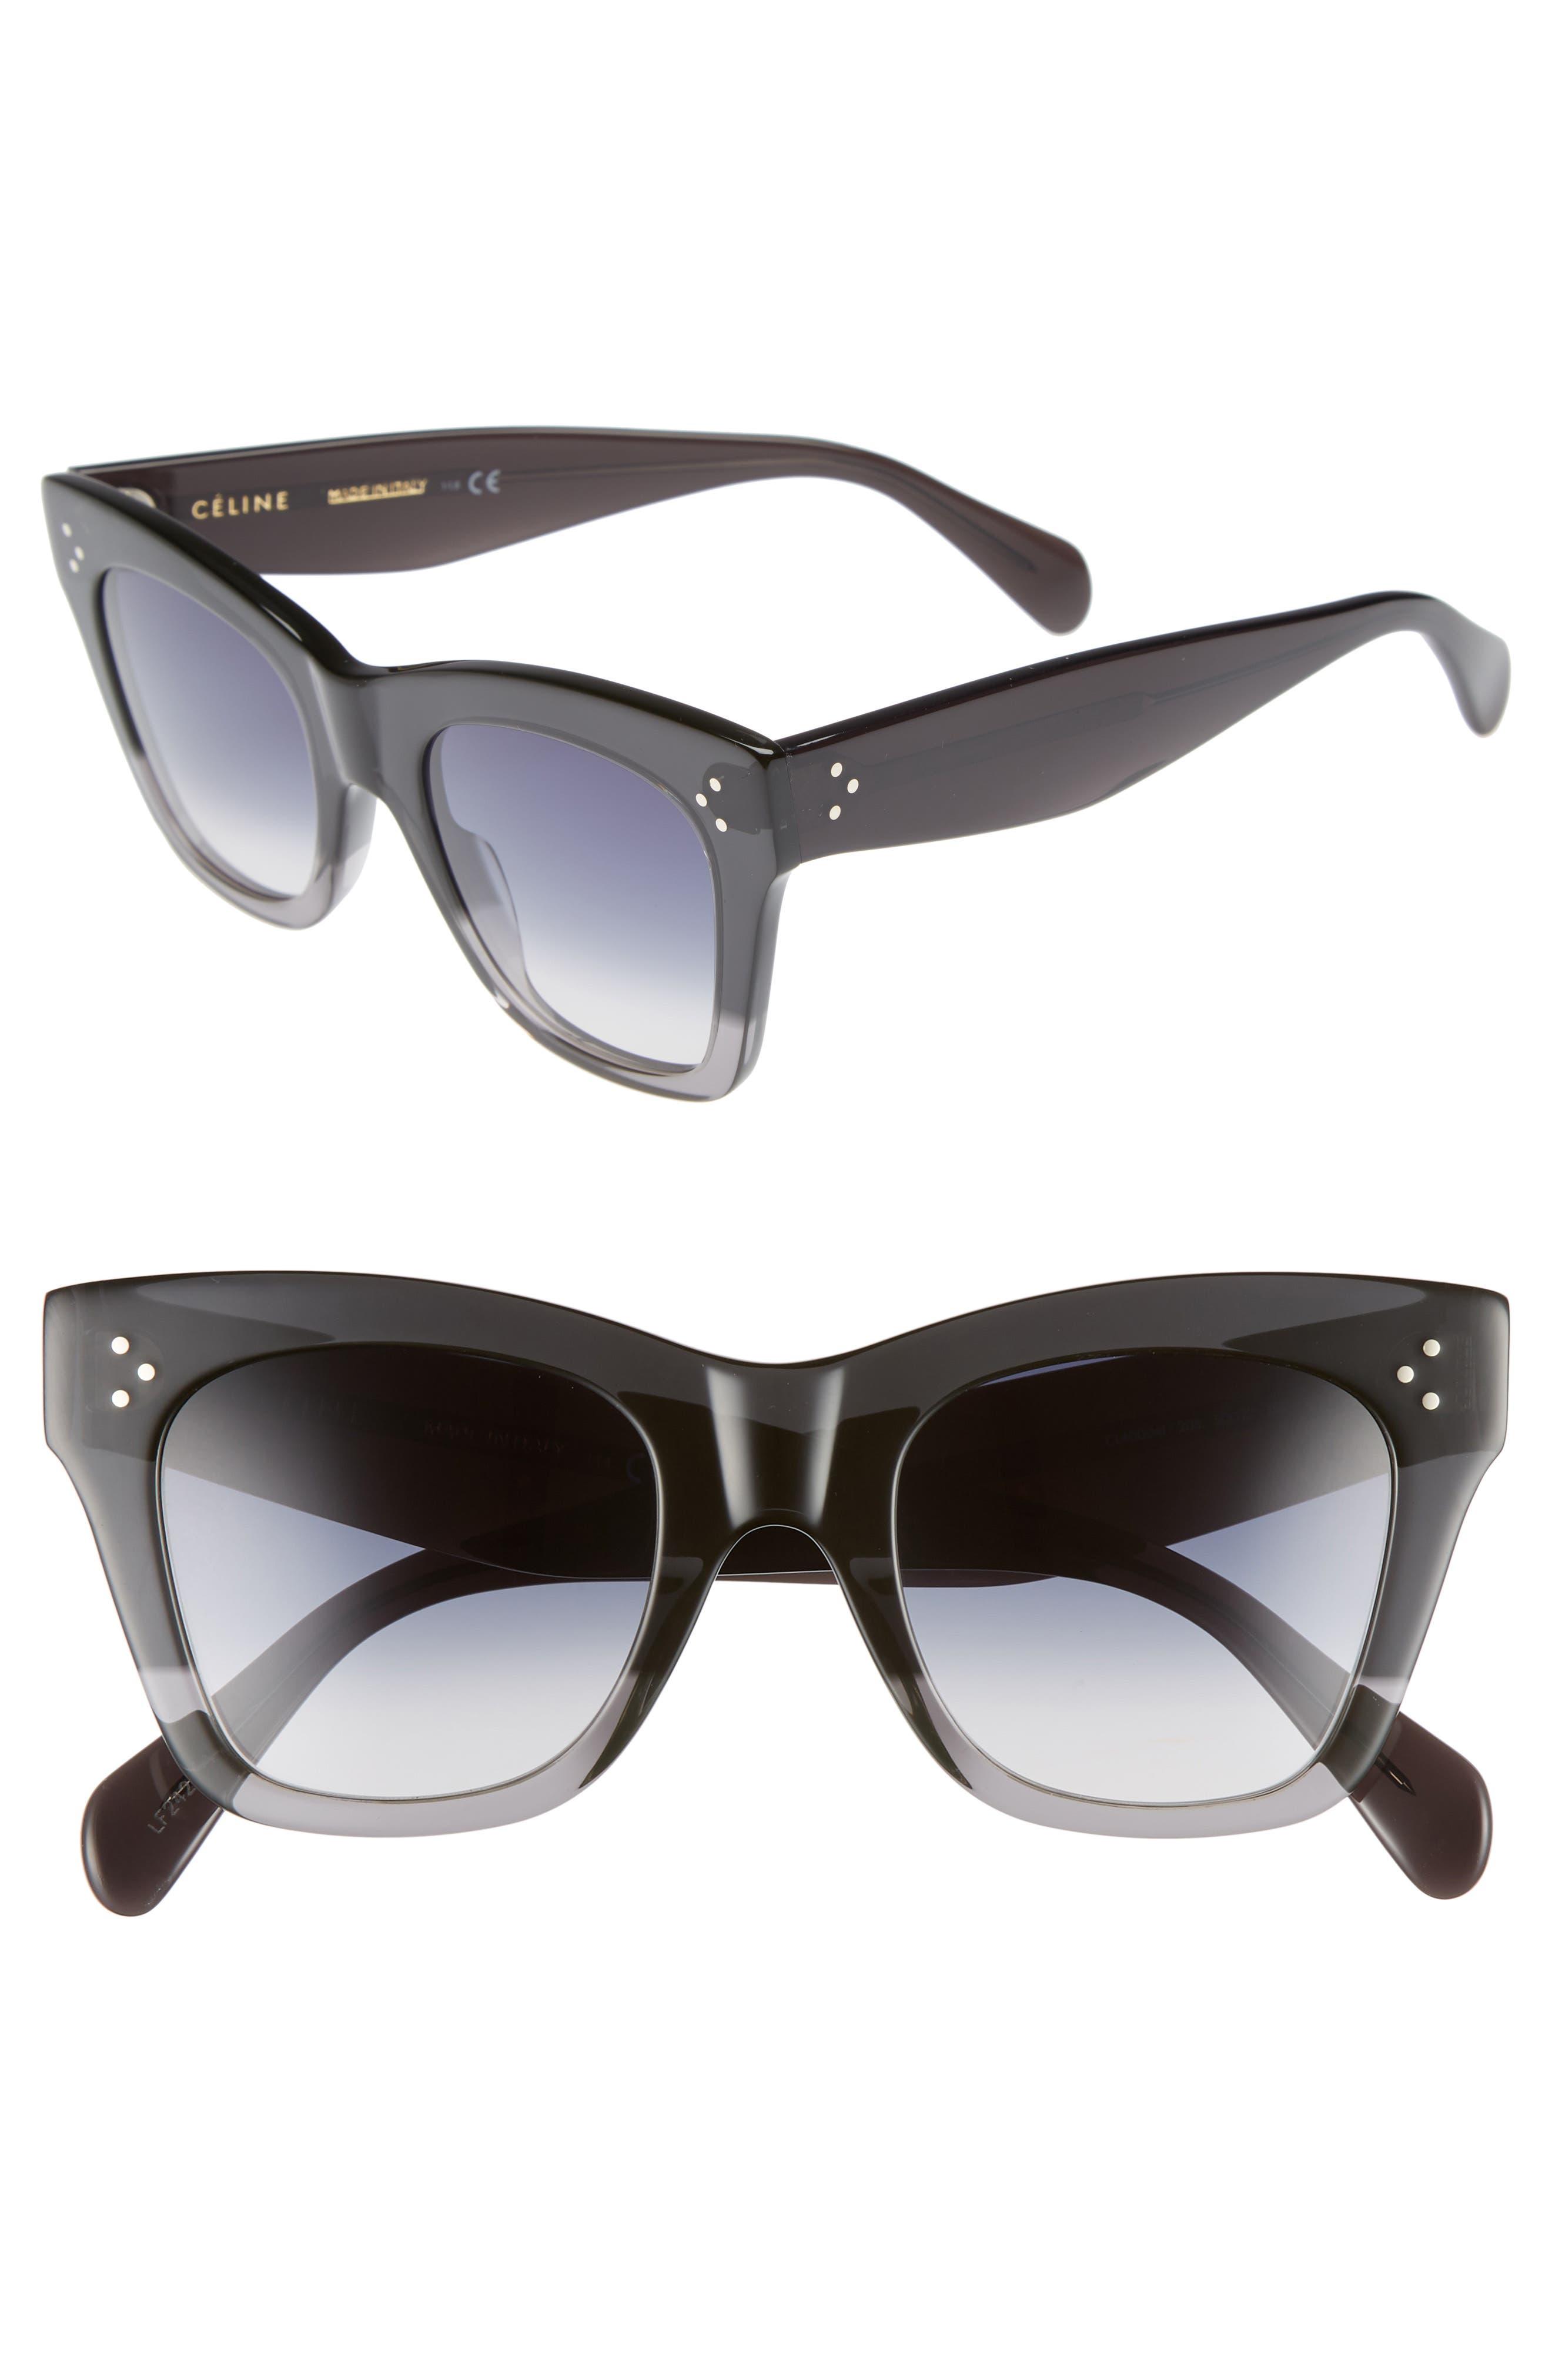 Celine 50Mm Gradient Butterfly Sunglasses - Dark Grey/ Smoke